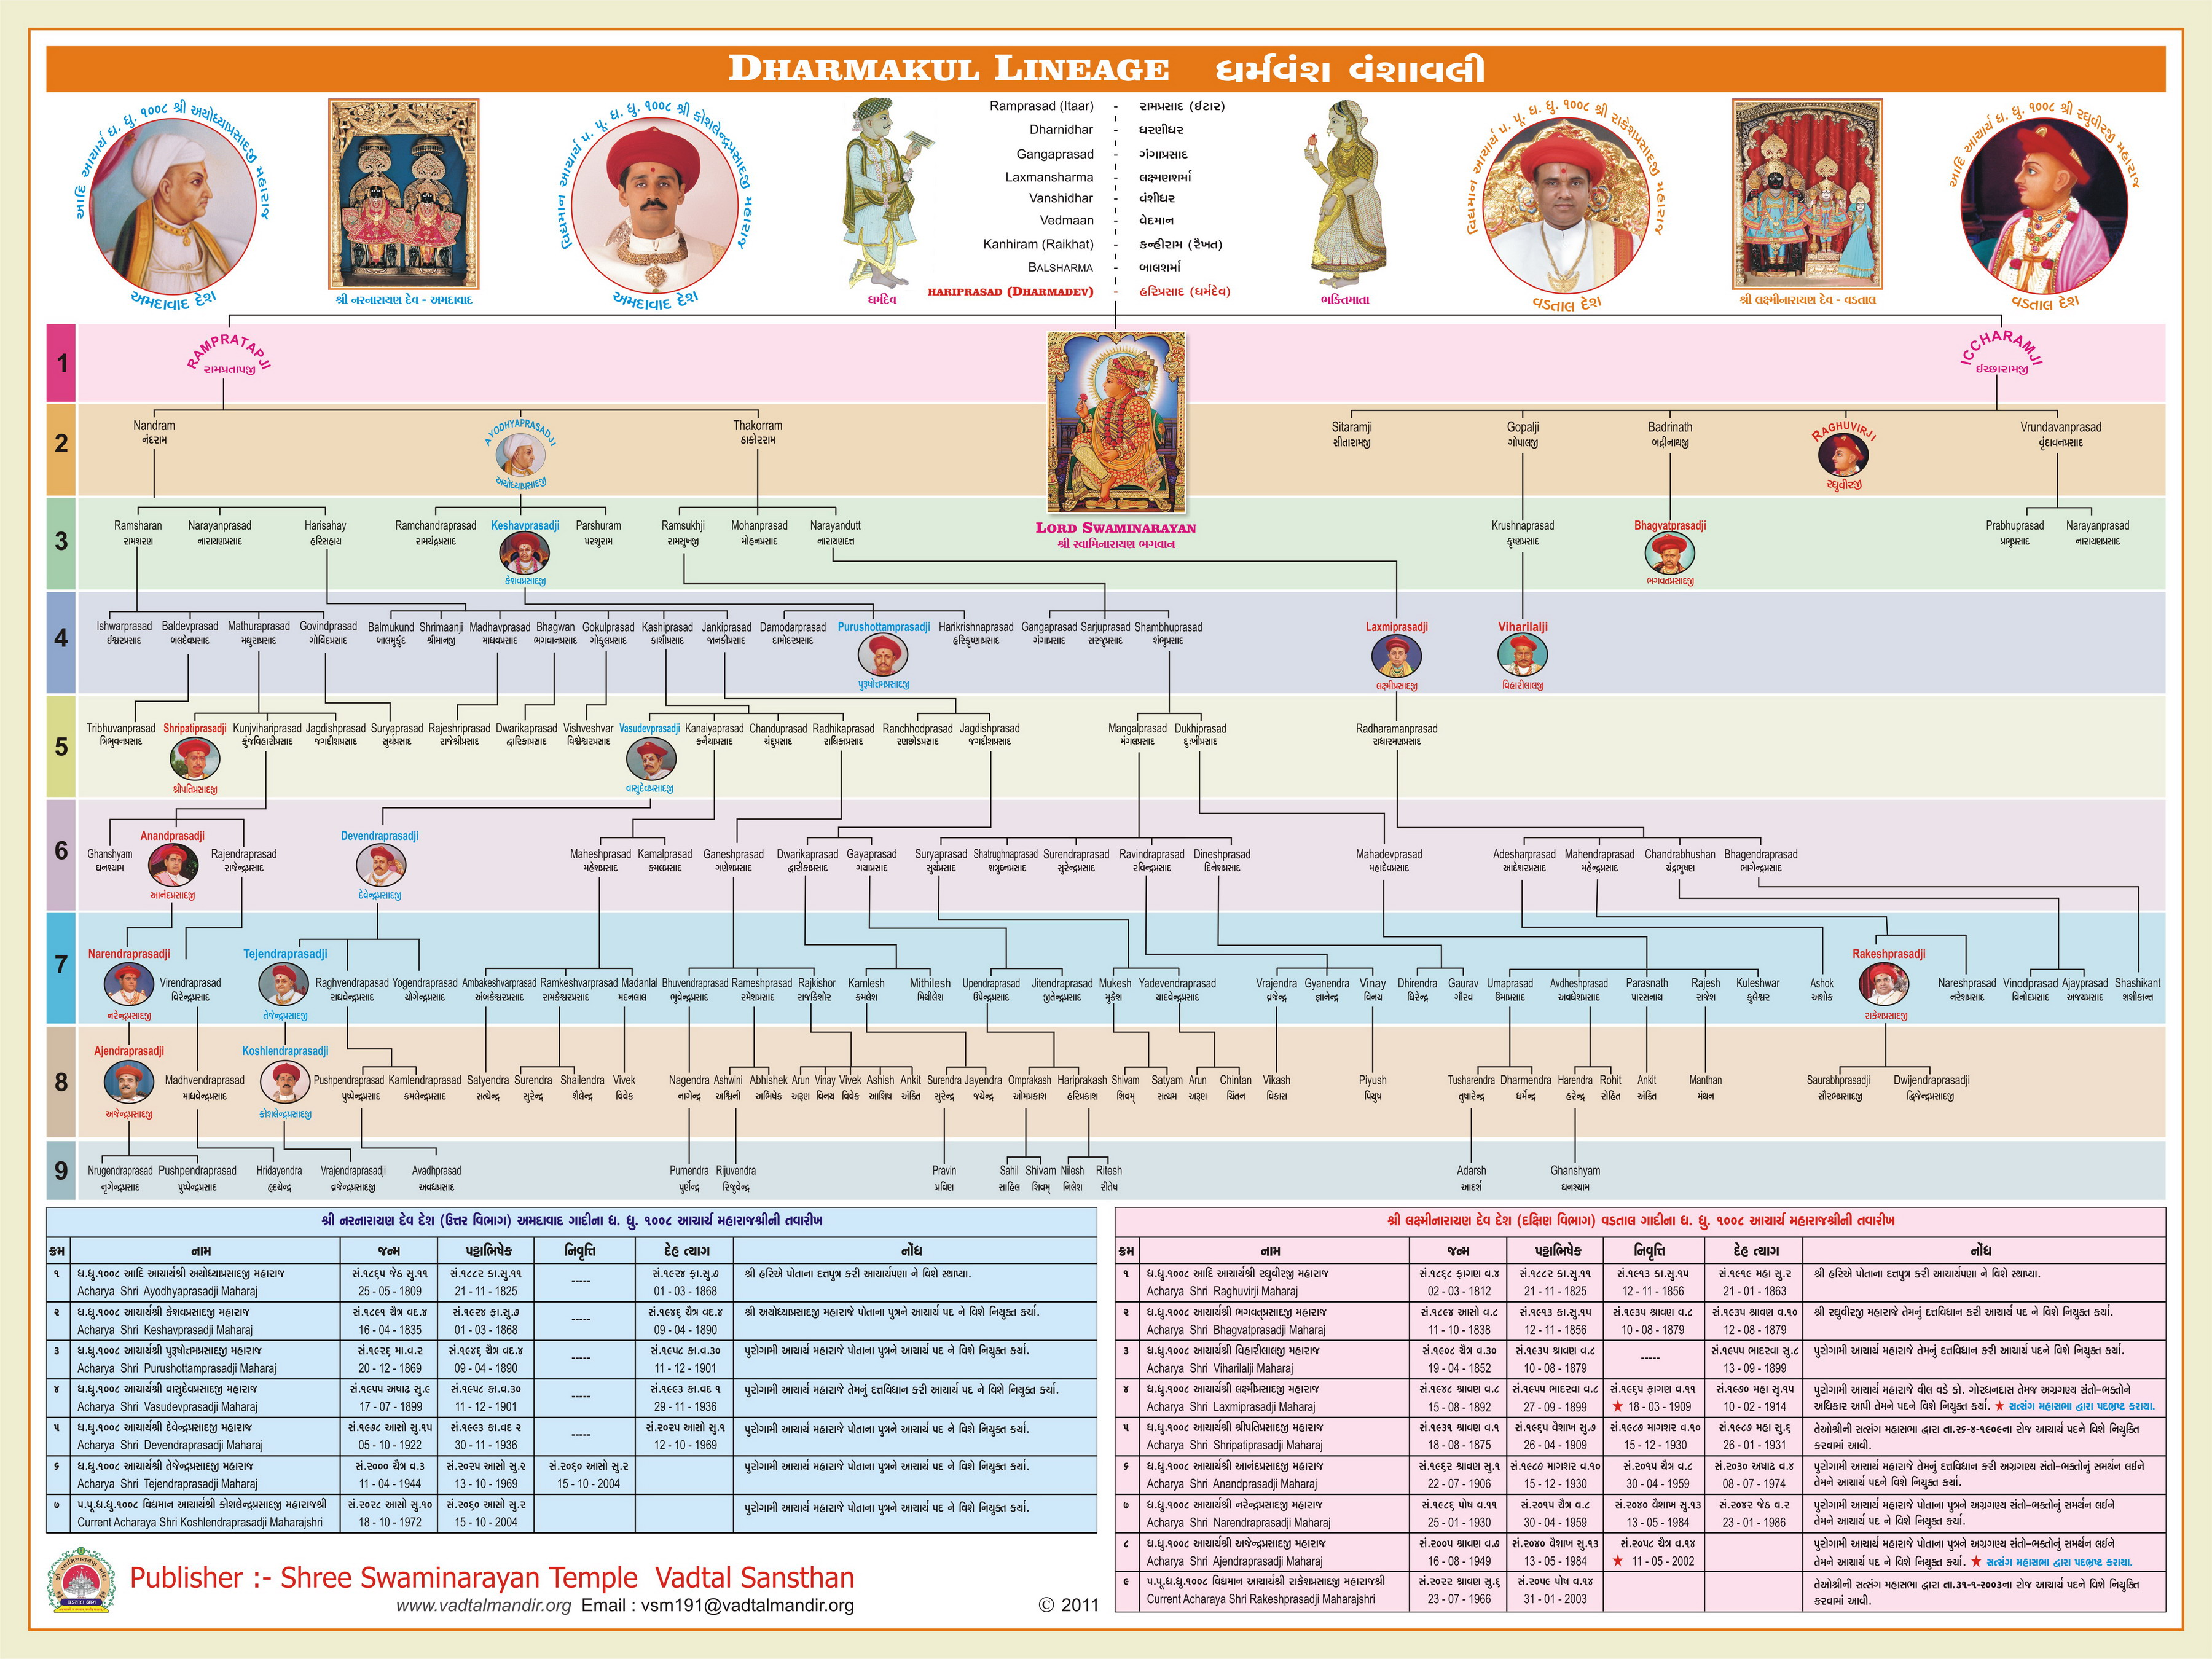 Dharmakul Linage